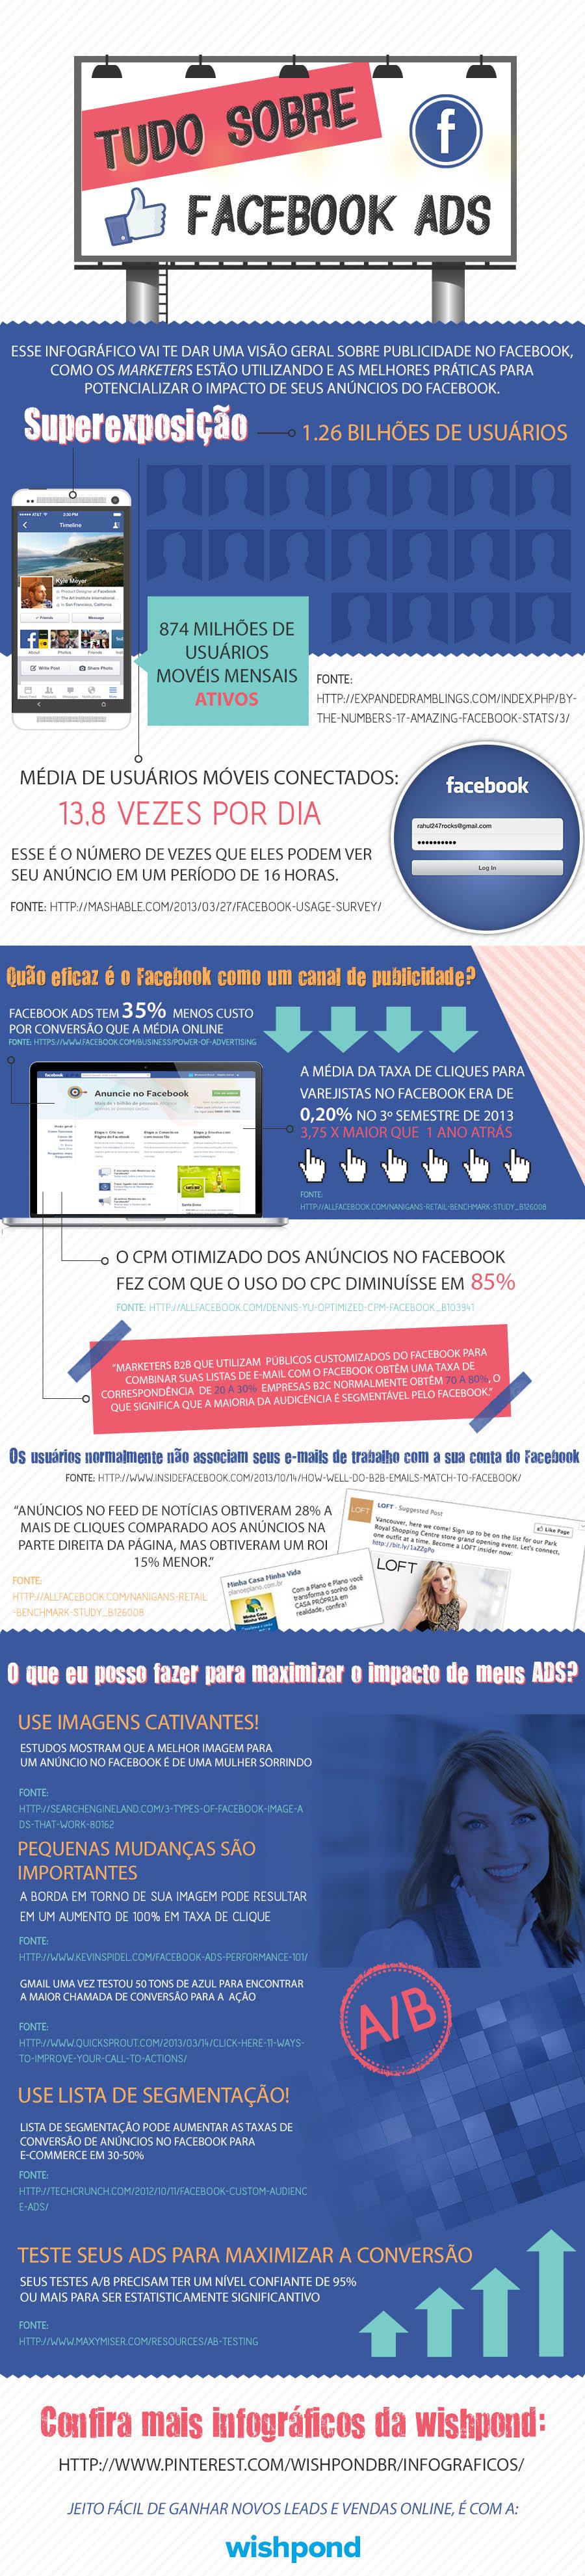 Tudo que você precisa saber sobre anúncios no Facebook!